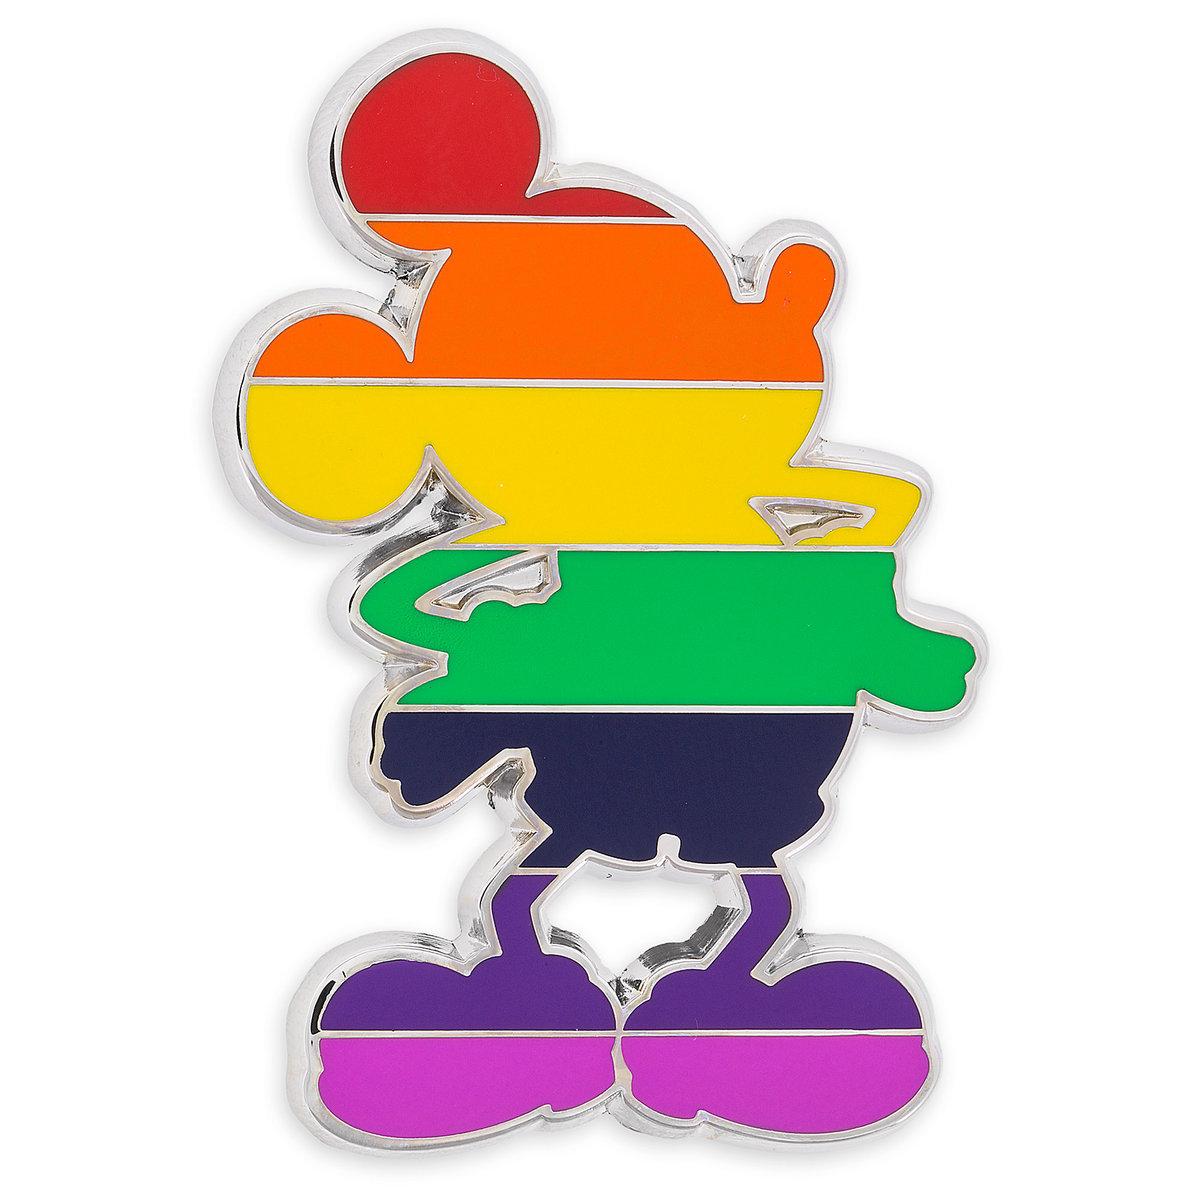 Disney lança sua primeira coleção em prol do orgulho LGBT